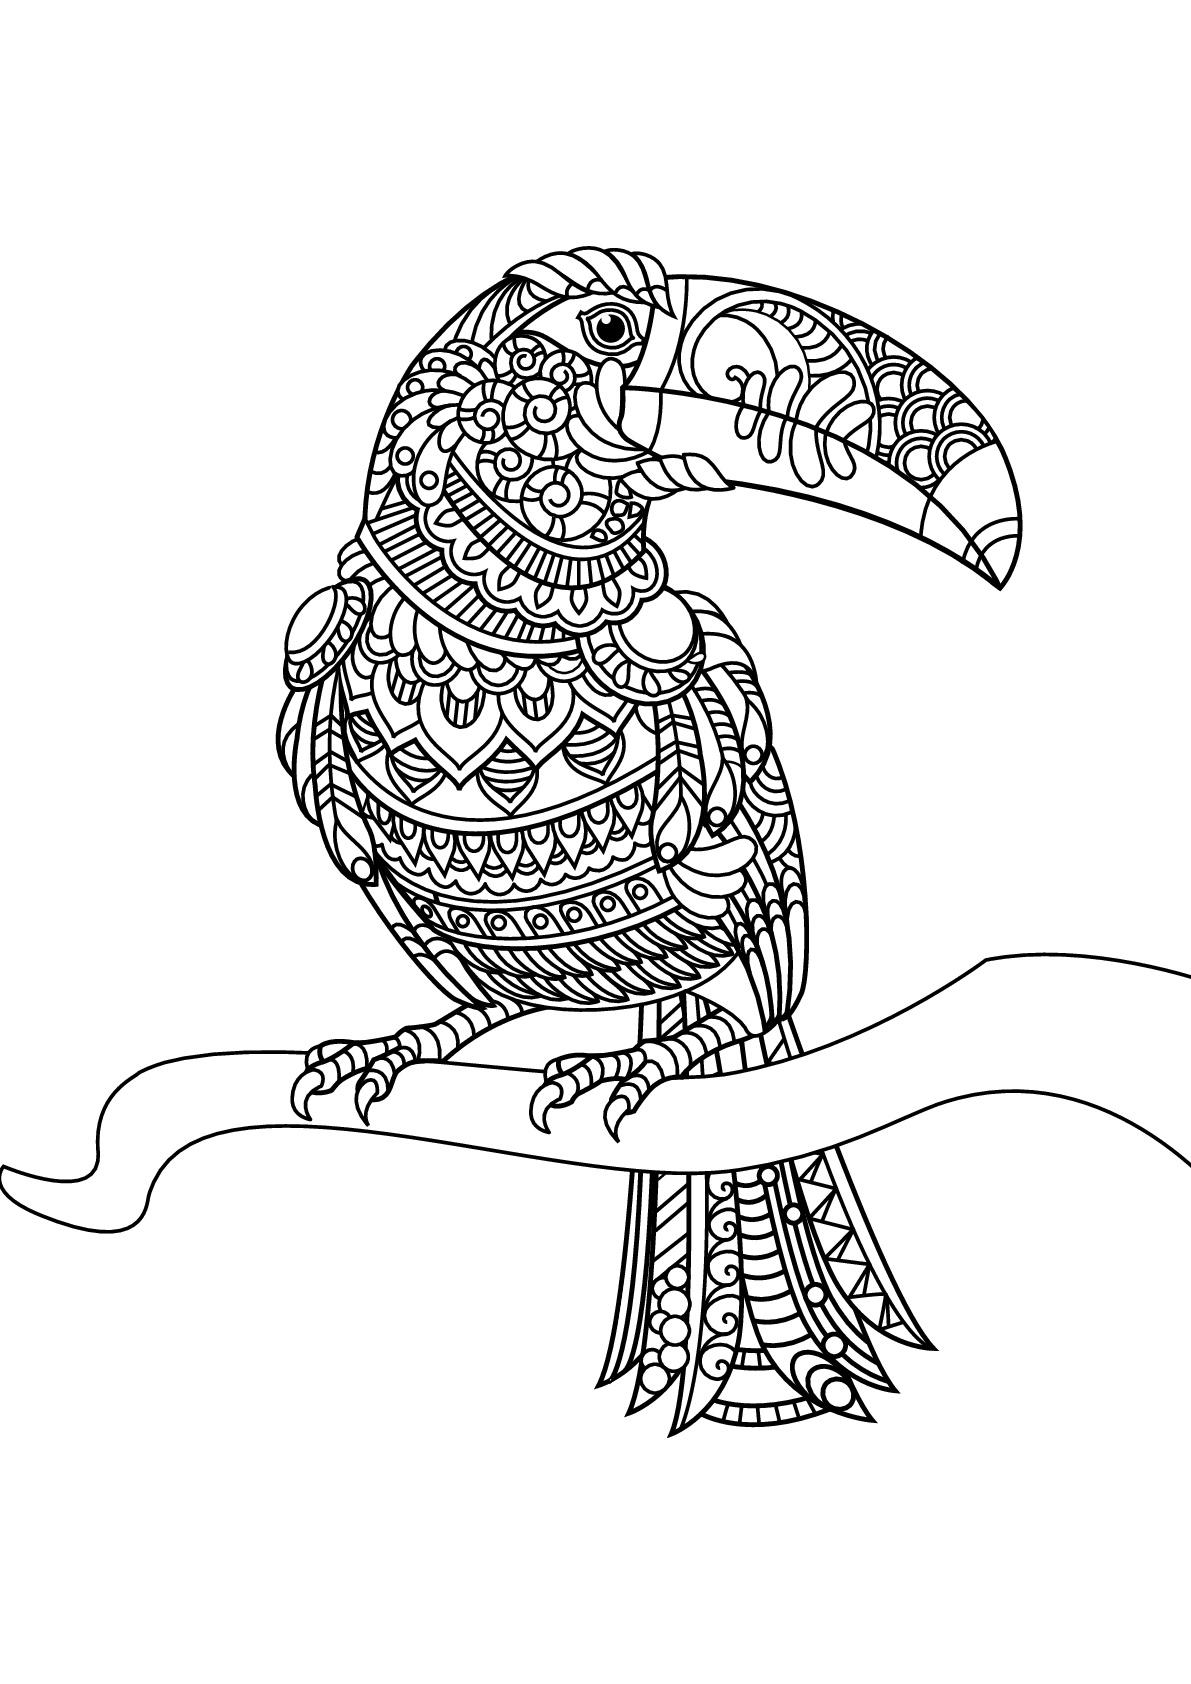 Livre gratuit toucan oiseaux coloriages difficiles pour adultes - Coloriage toucan a imprimer ...